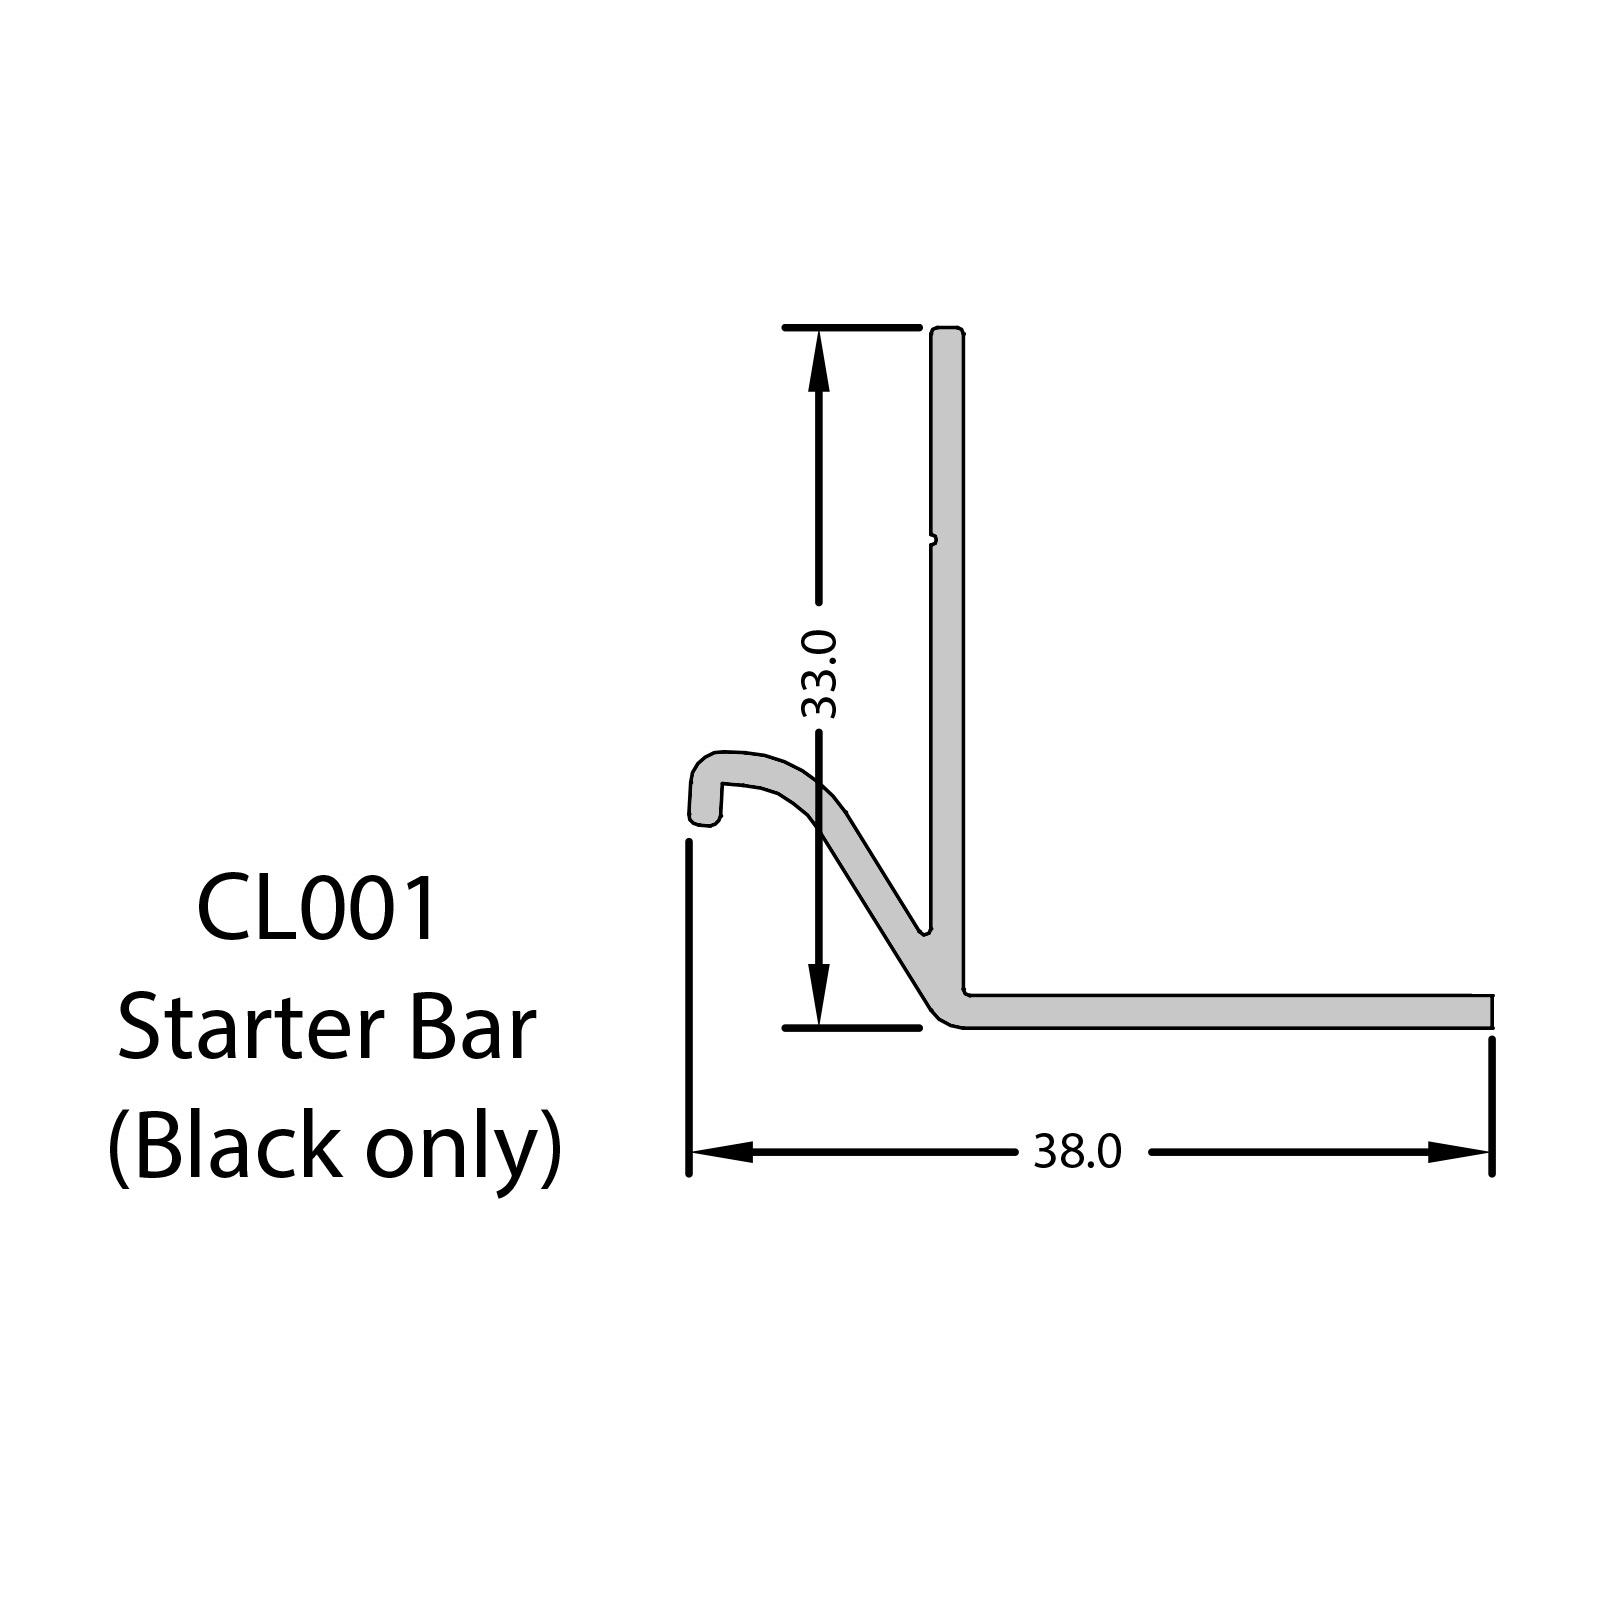 5m Aluminium Starter Bar For Coastline Composite Shiplap